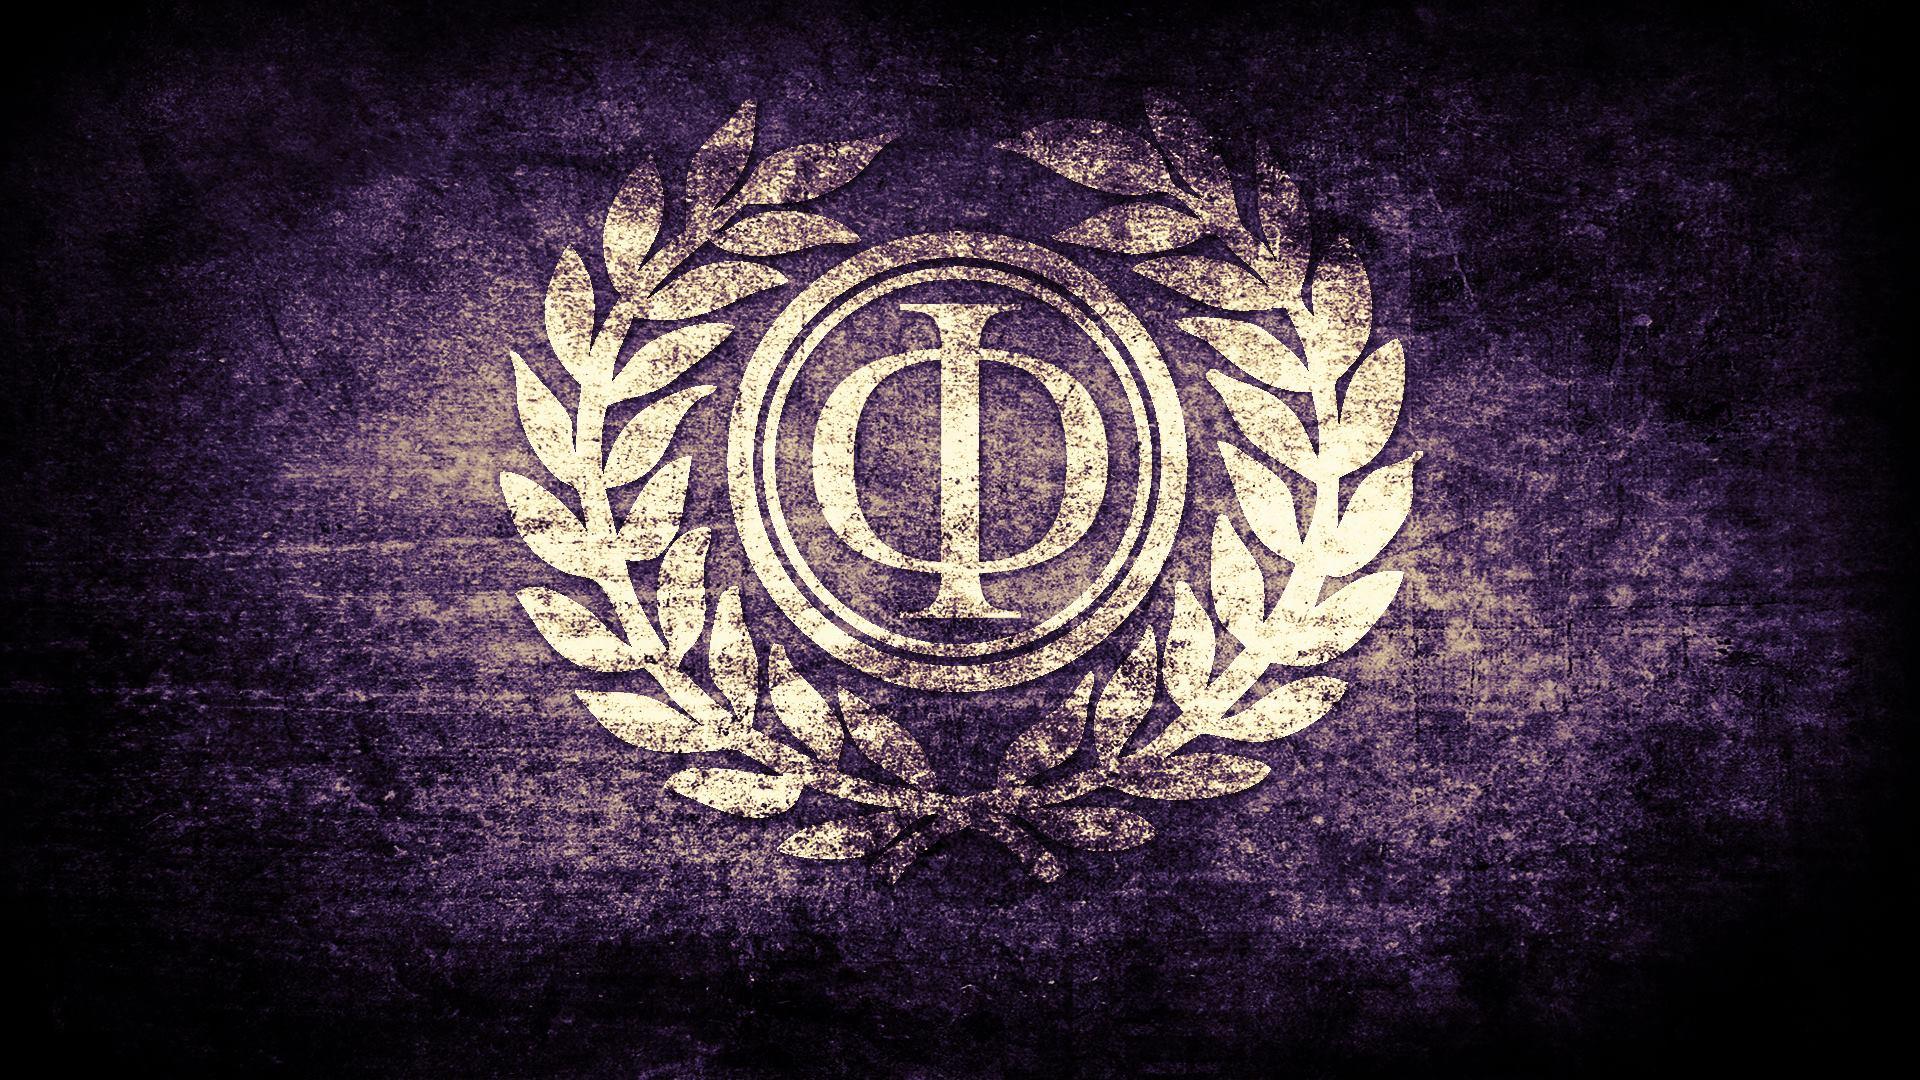 http://www.the-savoisien.com/blog/public/img27/Omniphi_logo.jpg